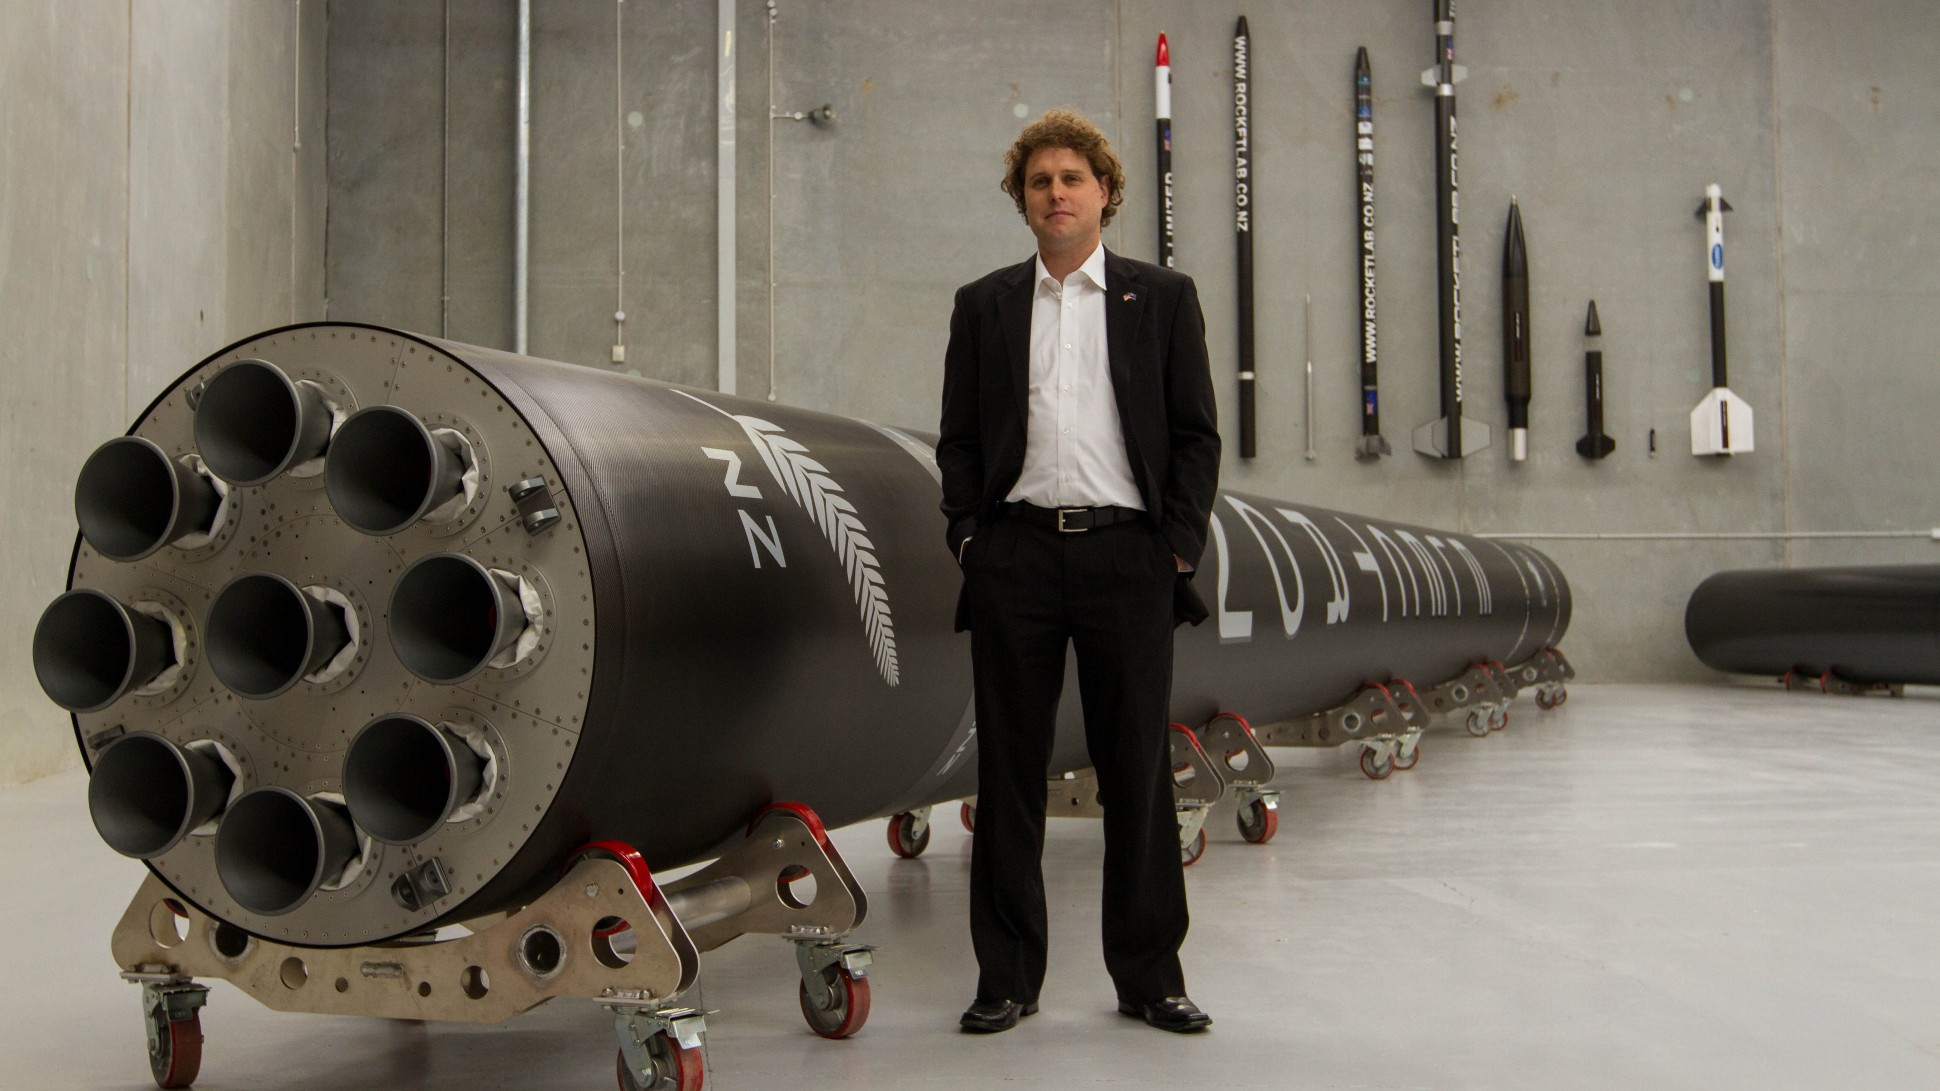 アメリカのロケット打ち上げベンチャー企業が7500万ドルの資金調達に成功